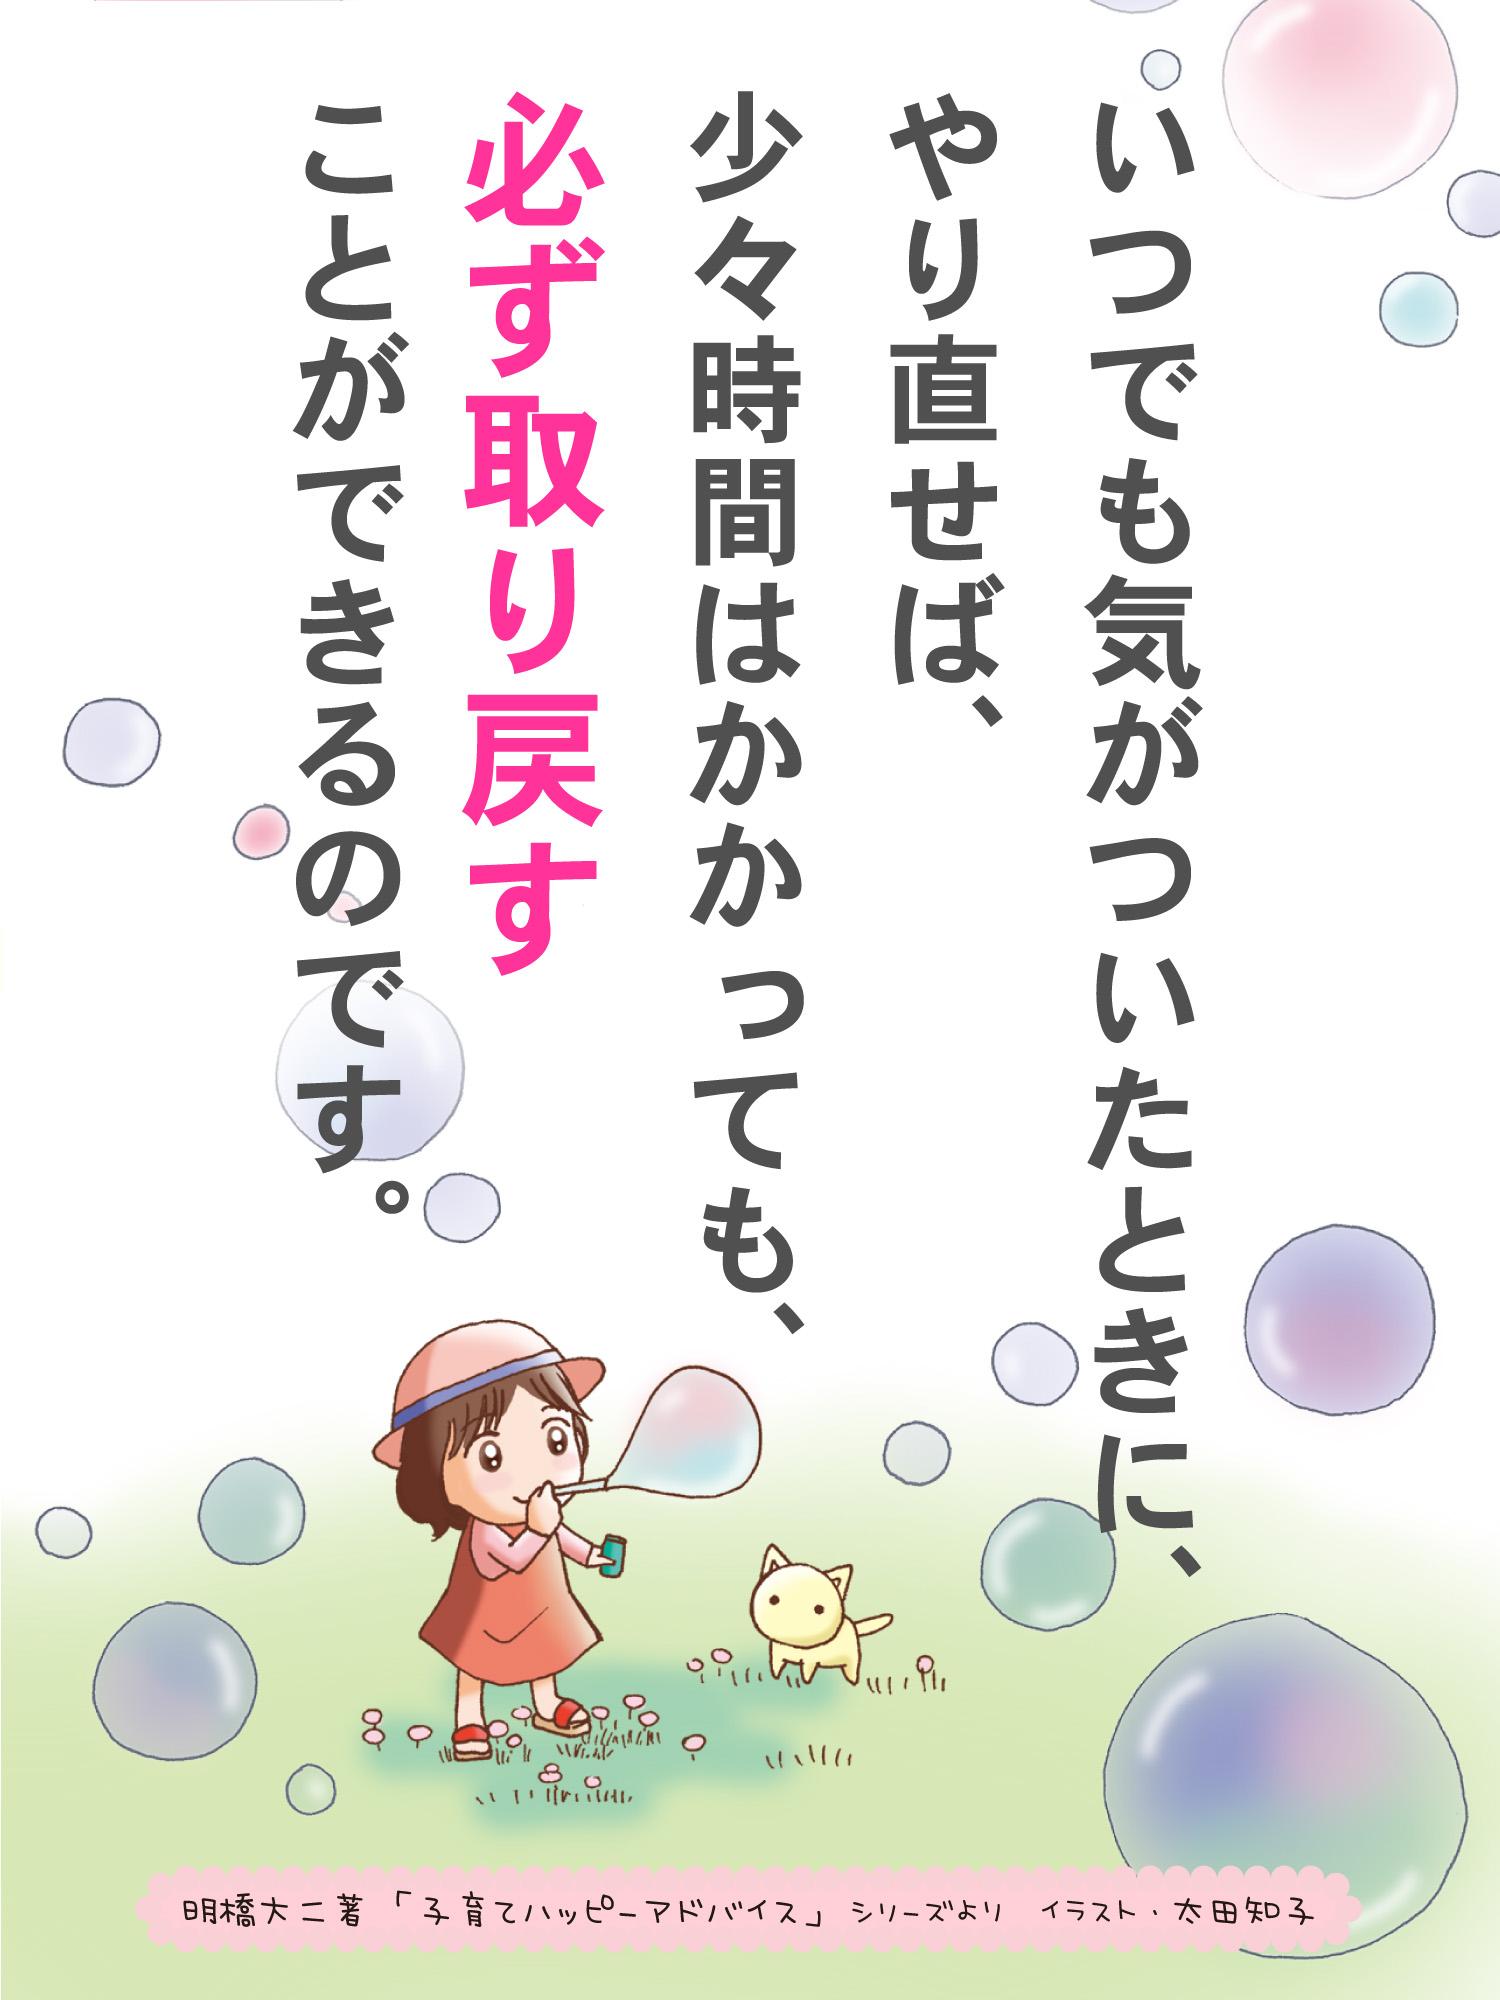 7月18日子育てハッピーメッセージの画像1